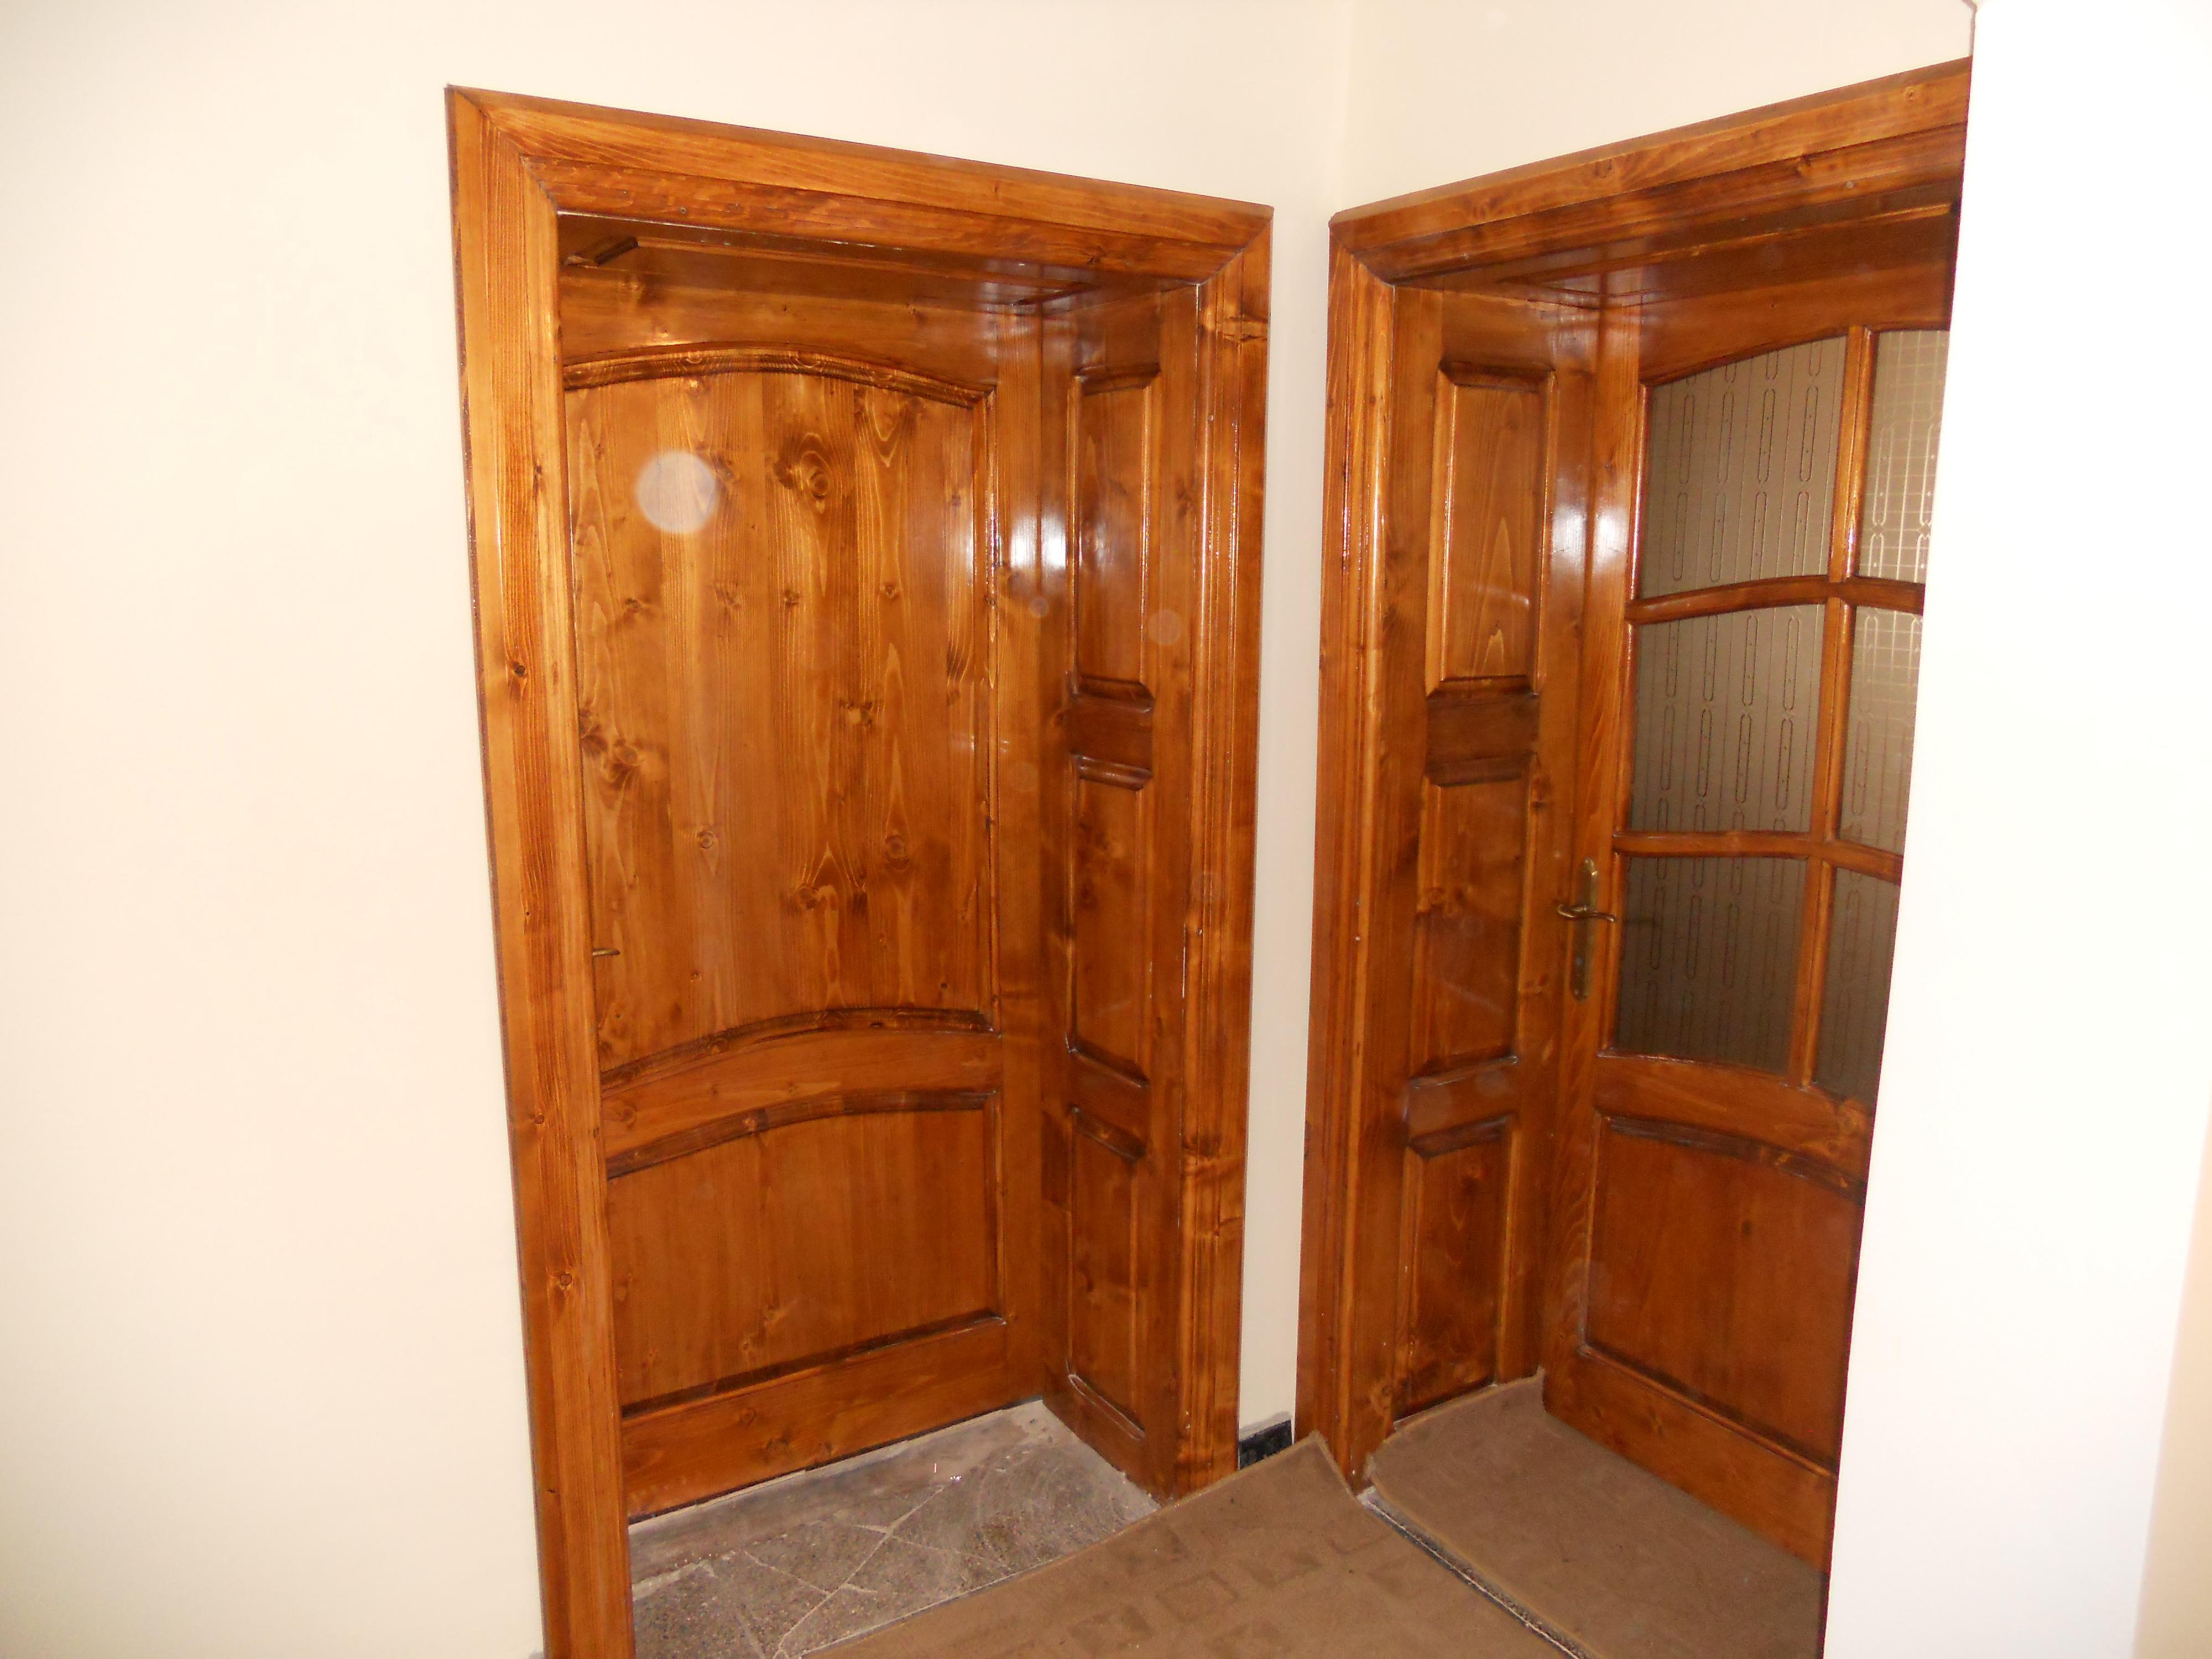 Maderas blandas puertas abeto picea abies madera blanca for Puertas madera blancas